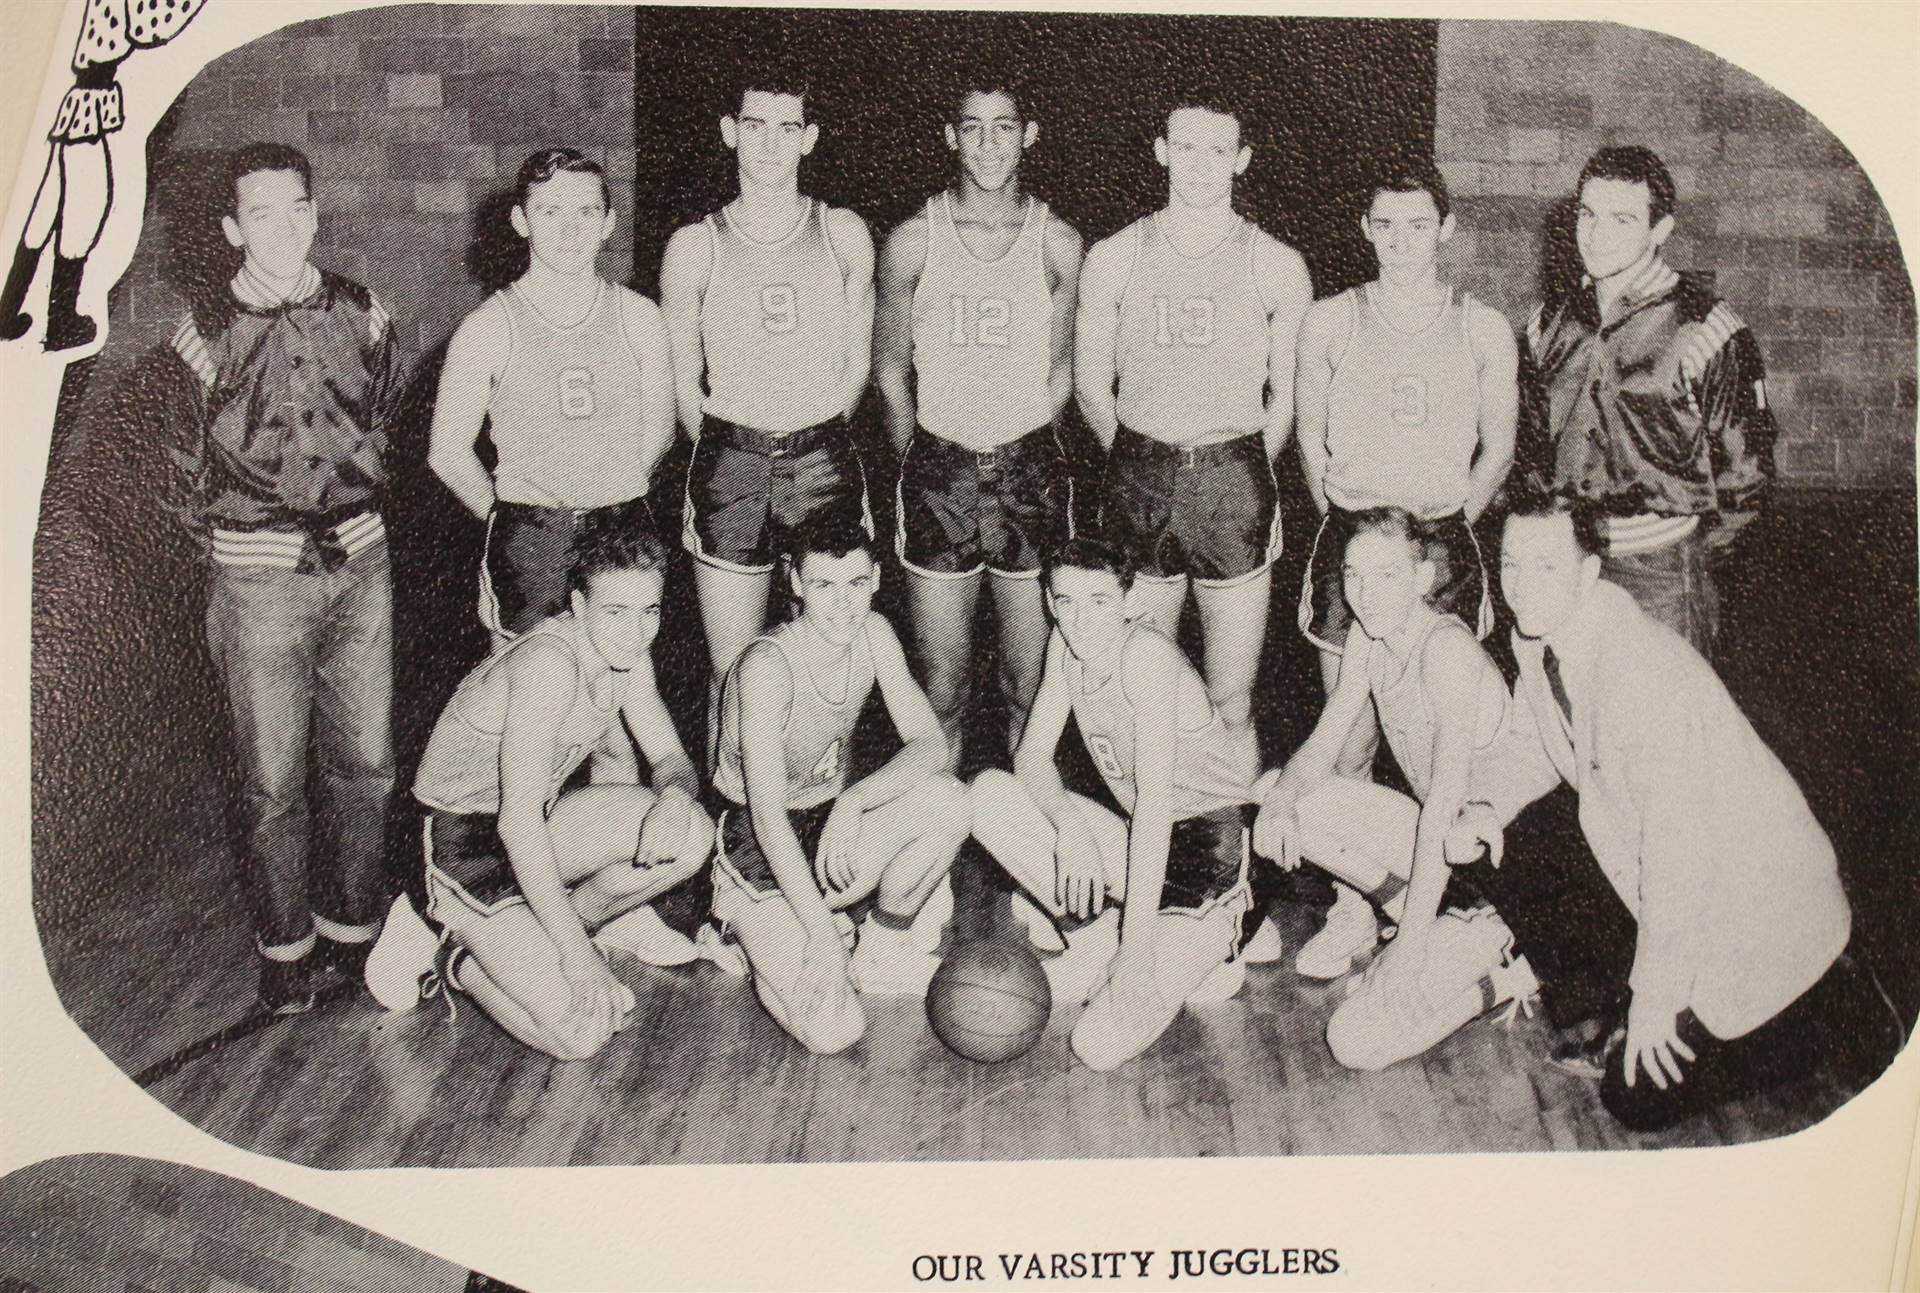 1955 Varsity Jugglers